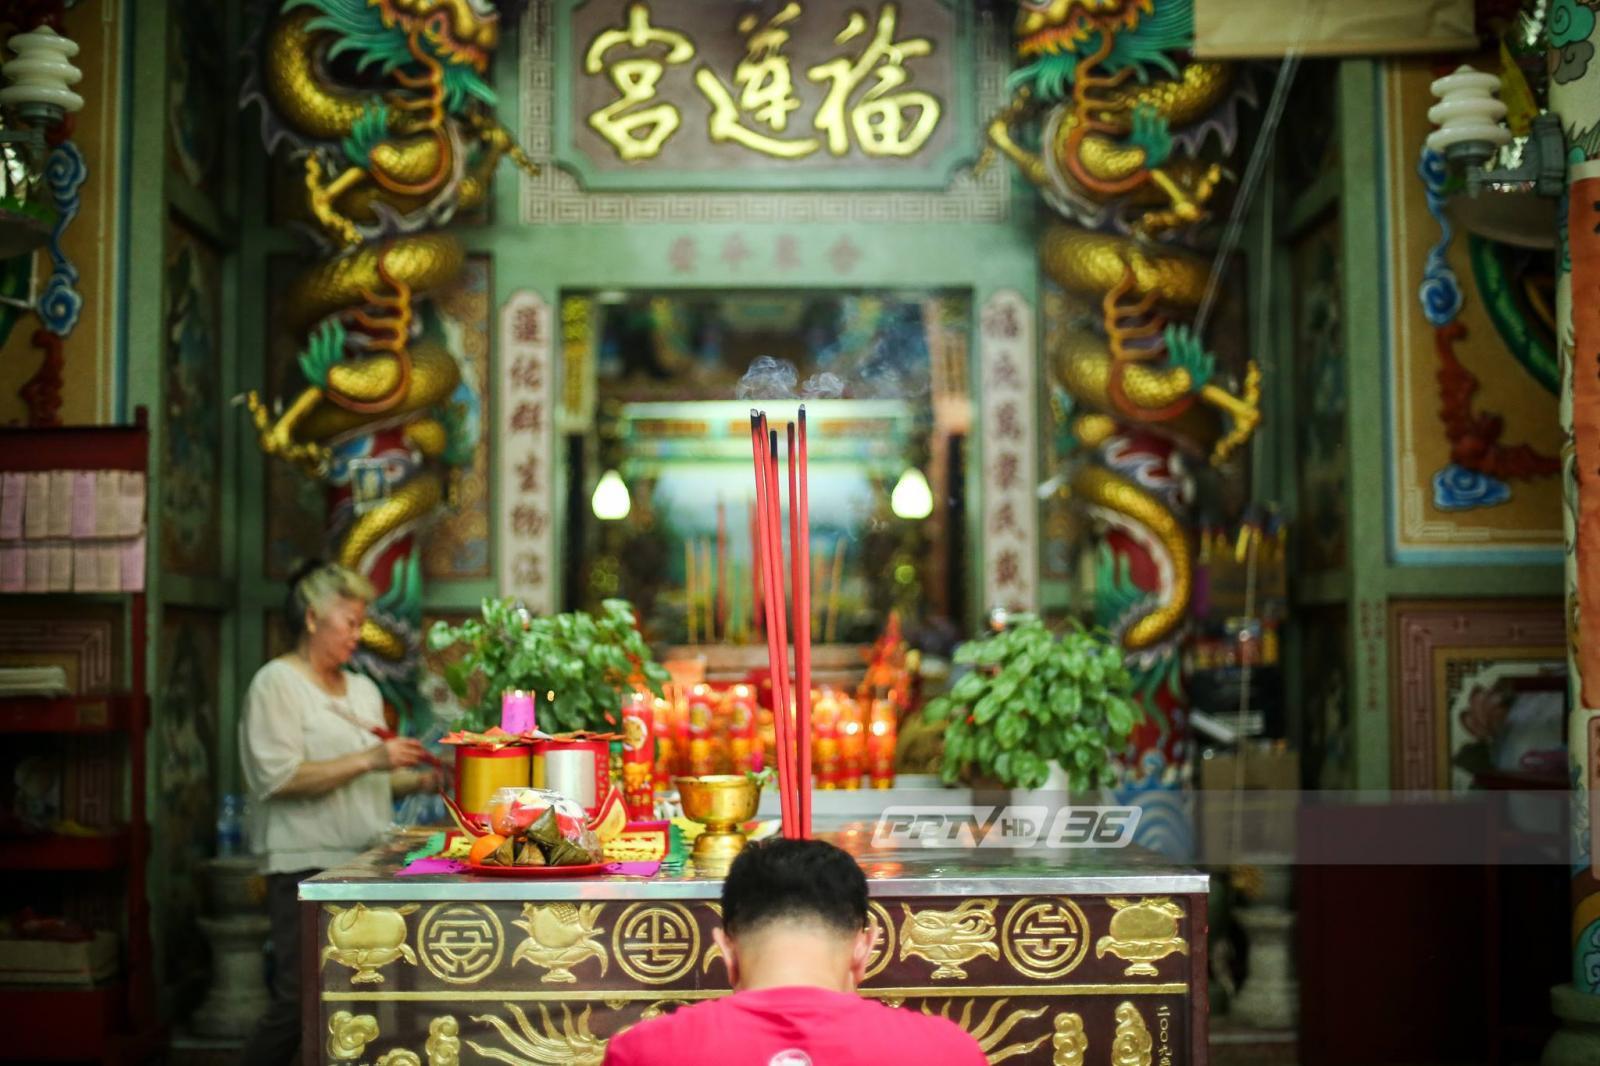 """ตรุษจีนปีนี้ใช้  """"ธูปสั้น-ขนาดเล็ก"""" """"ลดเผากระดาษ"""" ลดฝุ่นคลุมกรุงเทพฯ"""